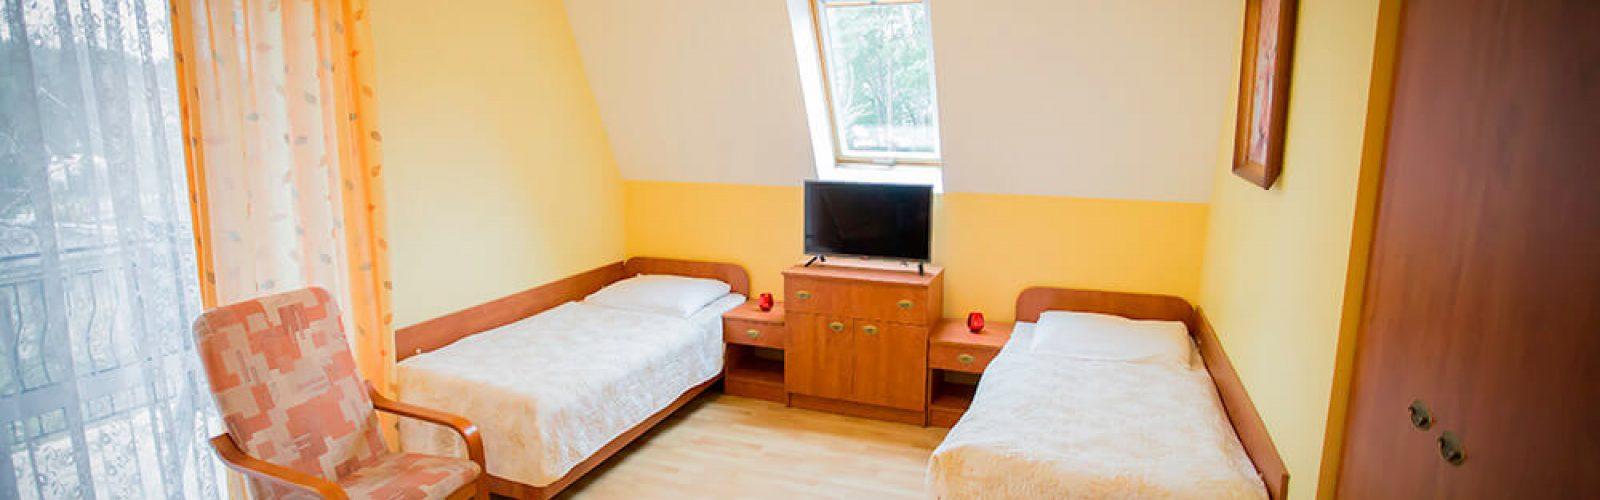 pokoje pustkowo 2